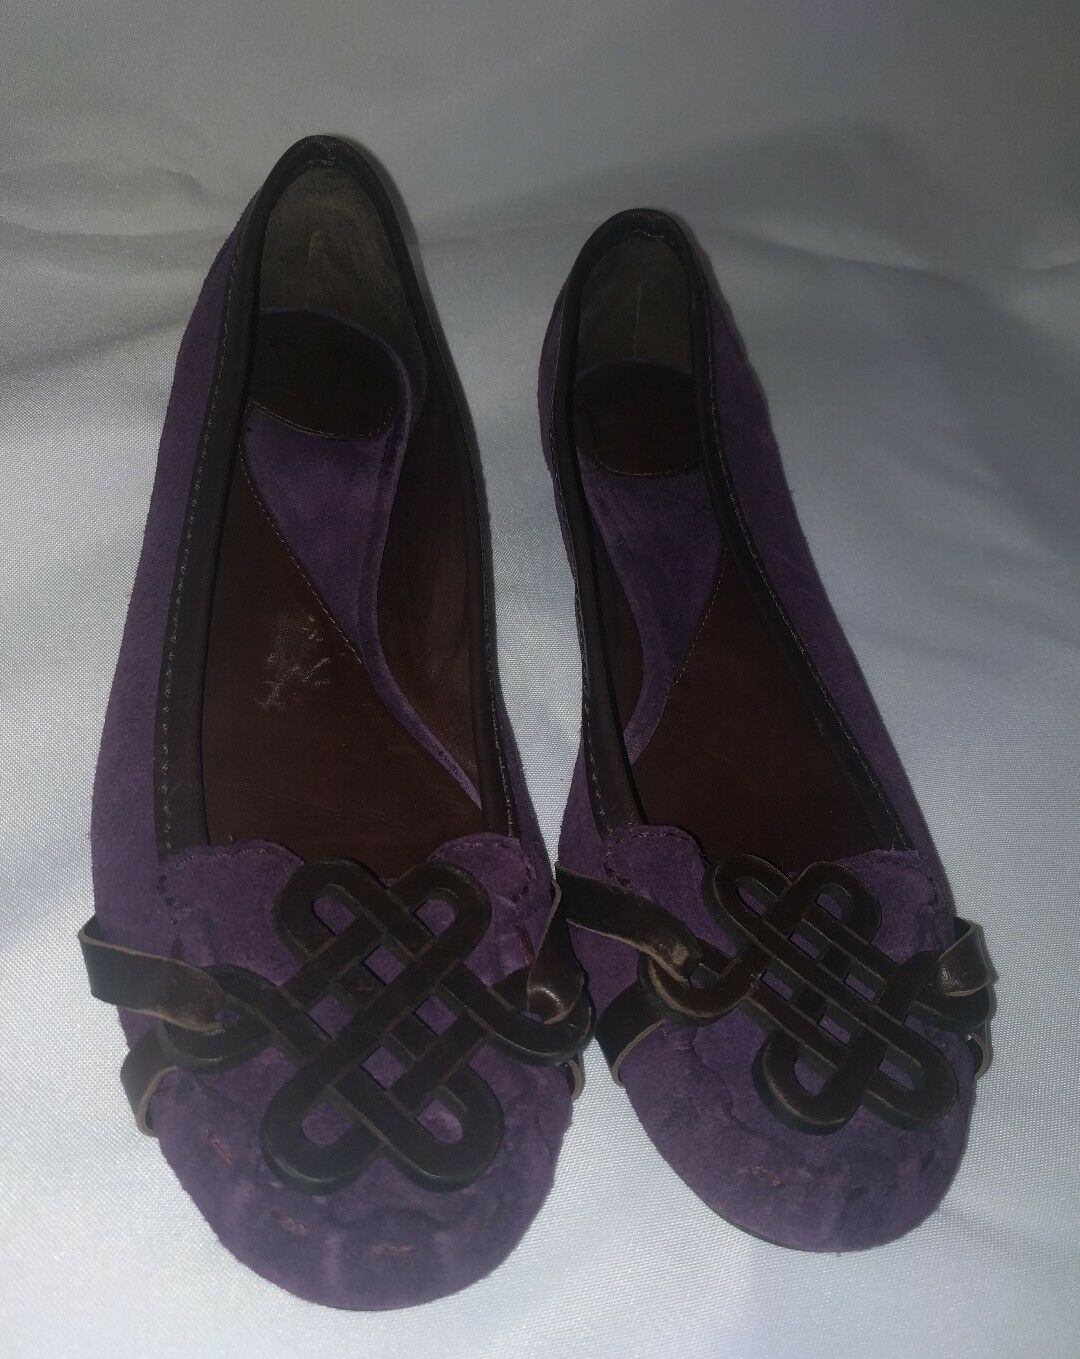 Diane Von Furstenberg Loafers Flats Slip On Purple Leather Suede Women's Size 6M